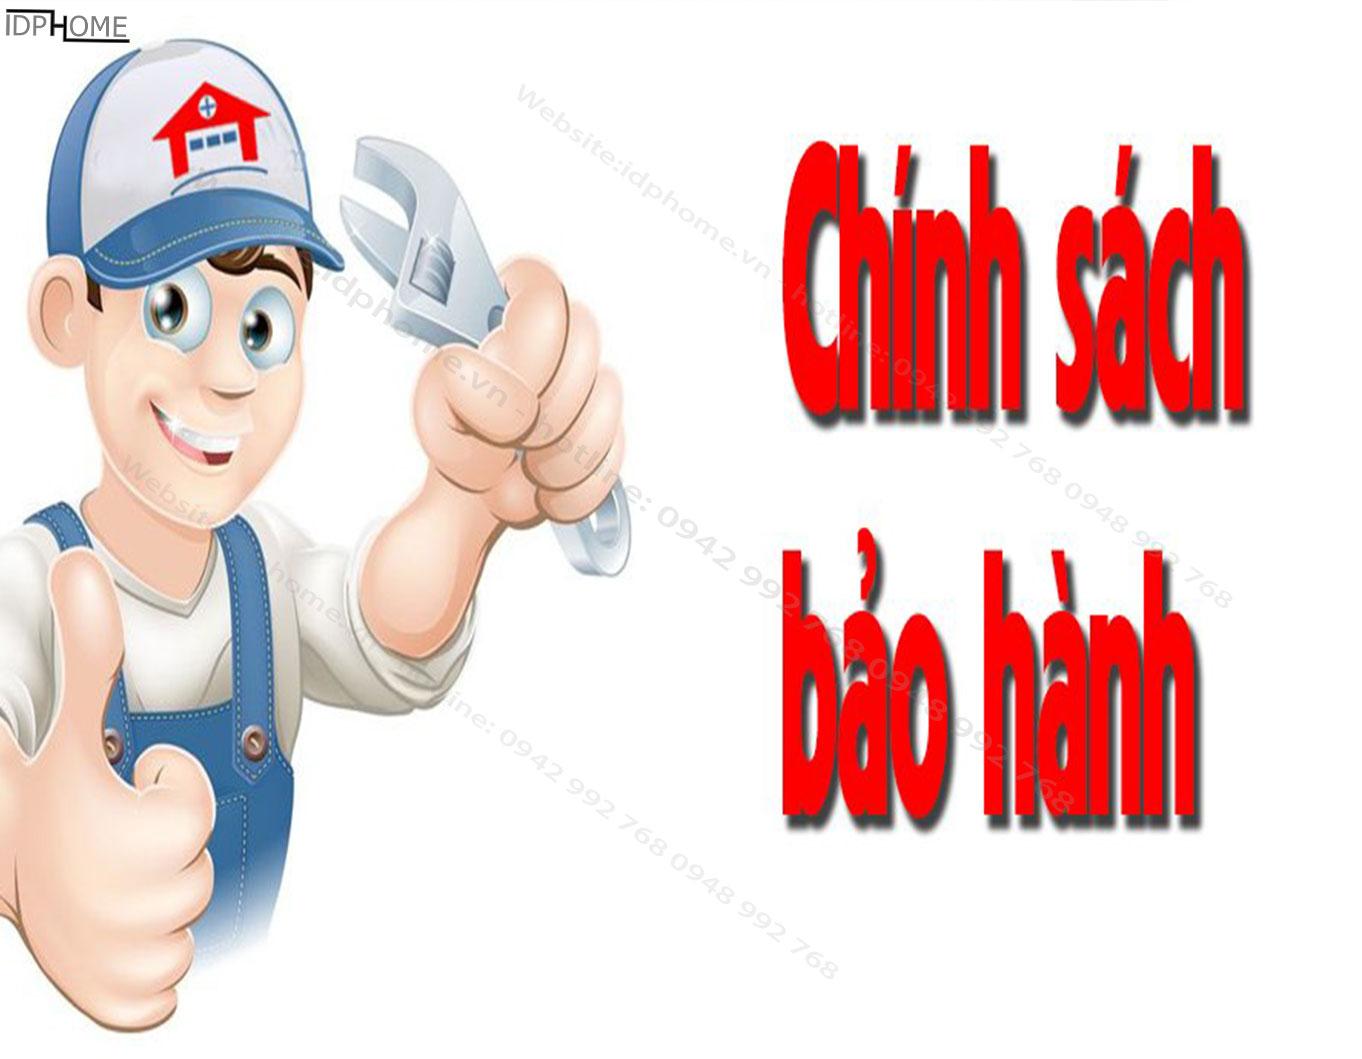 bao hanh doi tra idphome